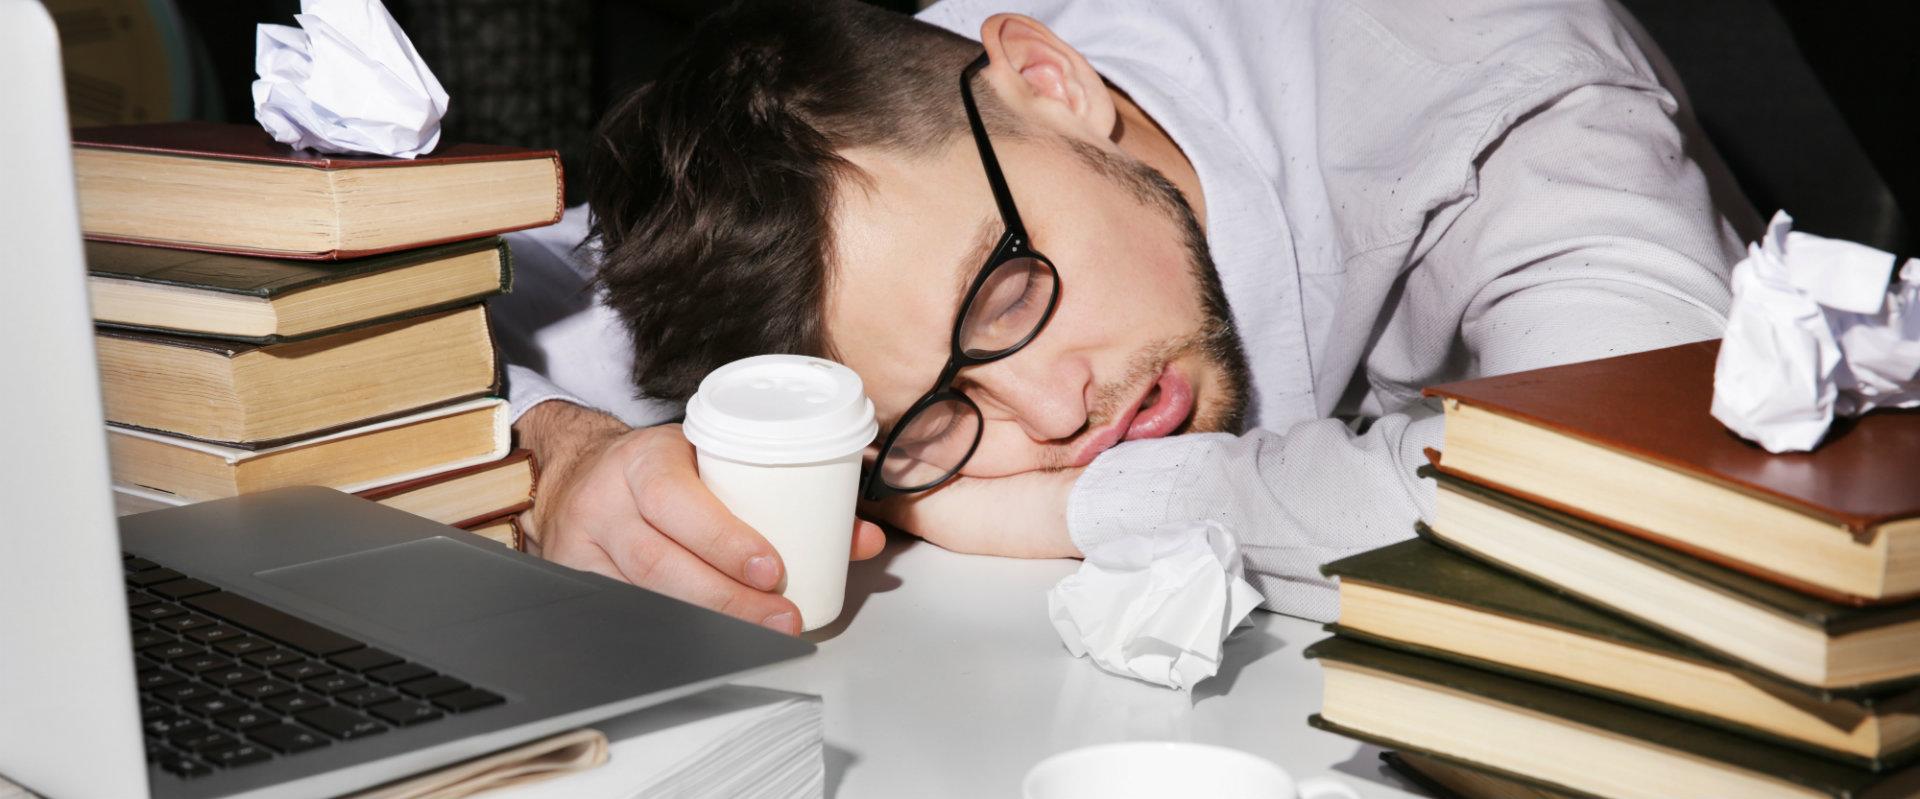 Descubre las consecuencias que tiene dormir de más